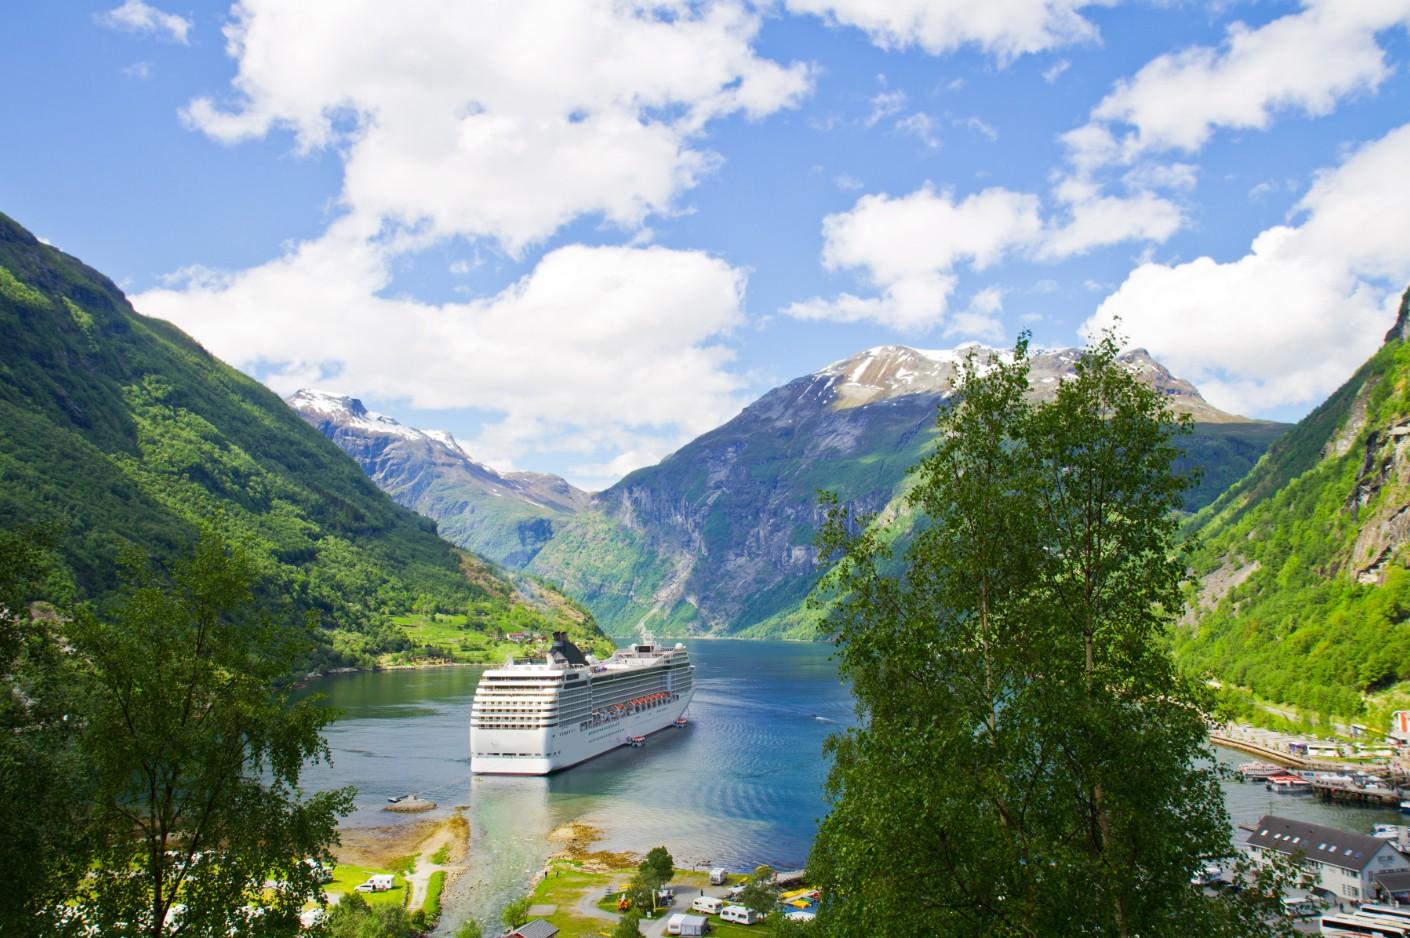 croisiere-fjords-norvege